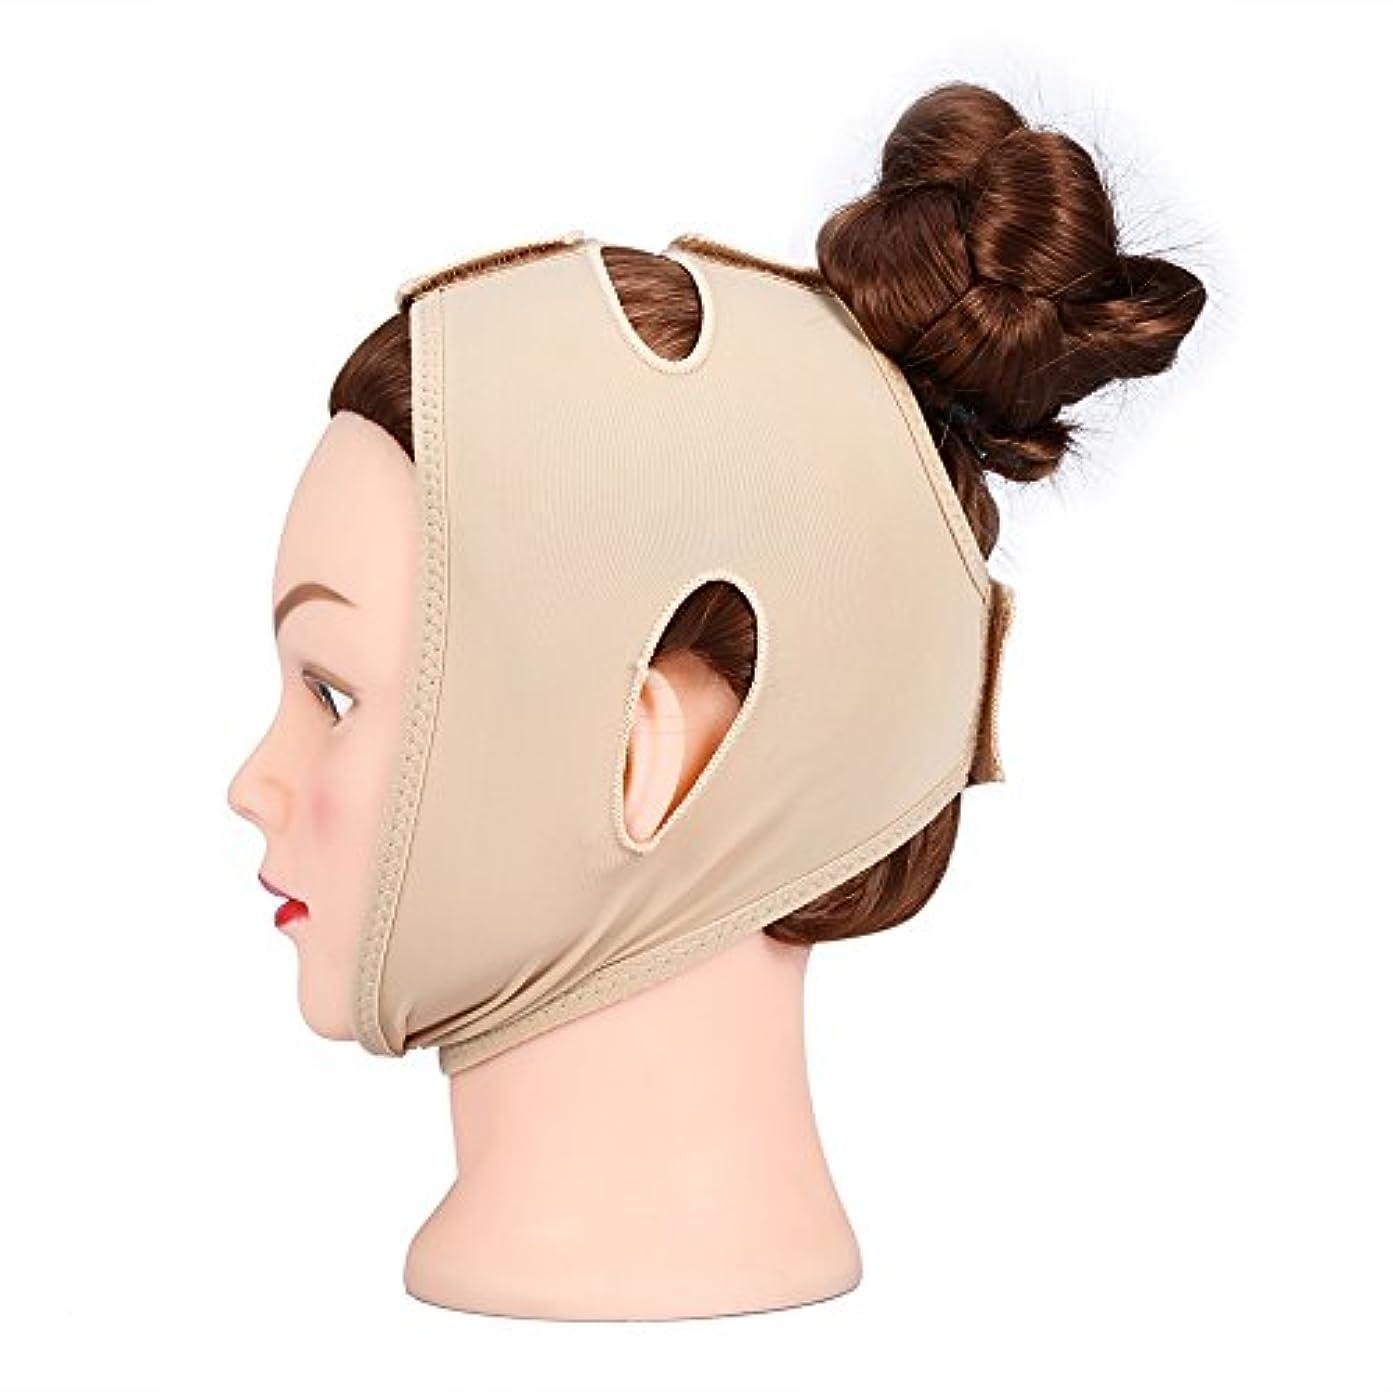 上へ変形する古代痩身フェイスバンド、痩身フェイスマスク、フェイスリフトマスク、睡眠首マスク、二重あご包帯を減らす(M)